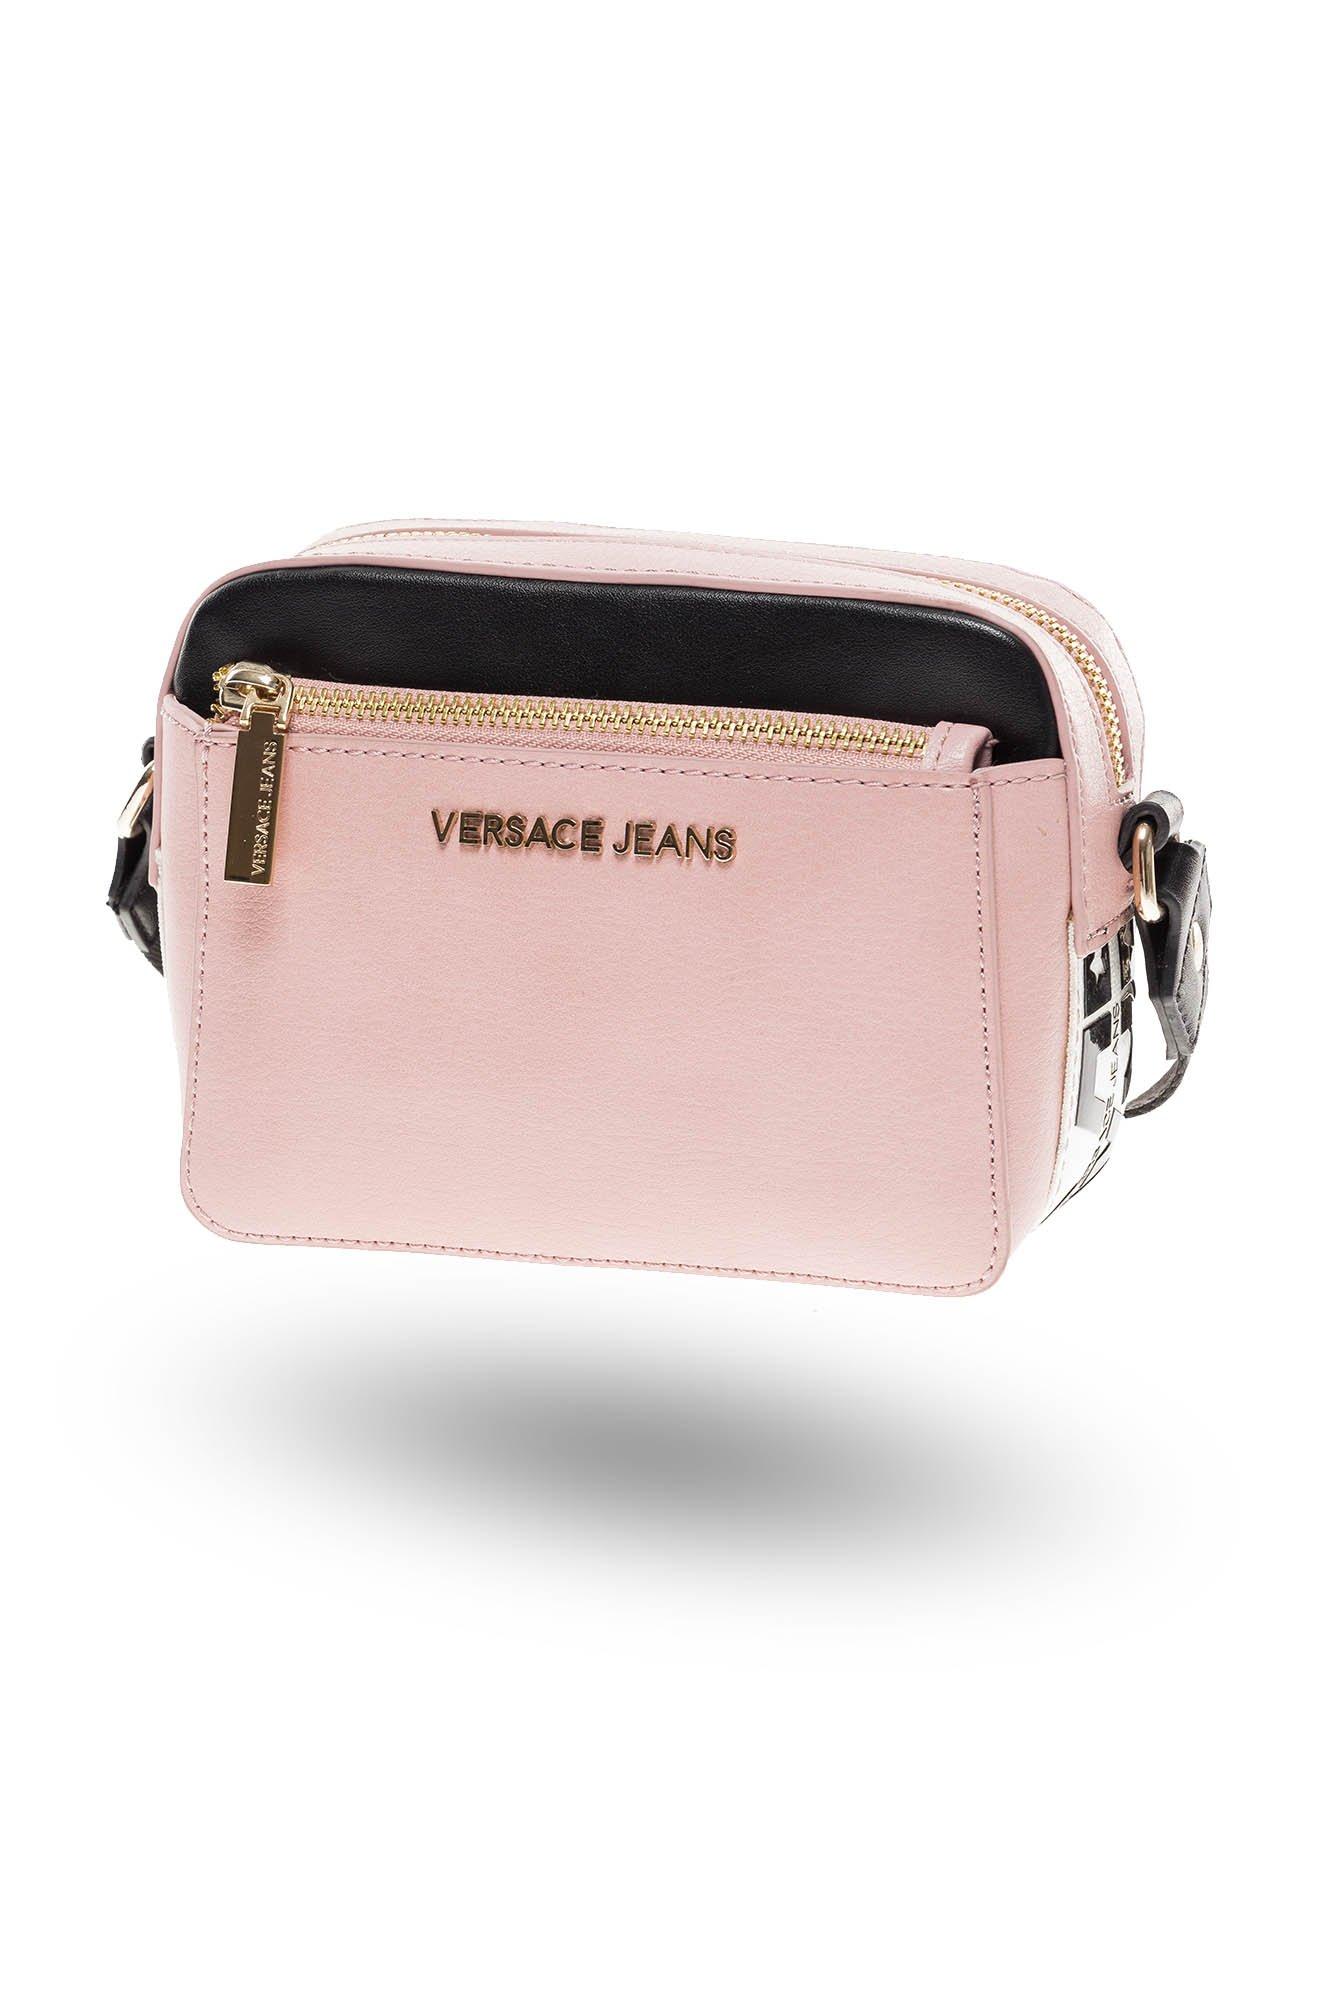 a8167351ba735 Różowa listonoszka Versace Jeans  Różowa listonoszka Versace Jeans ...